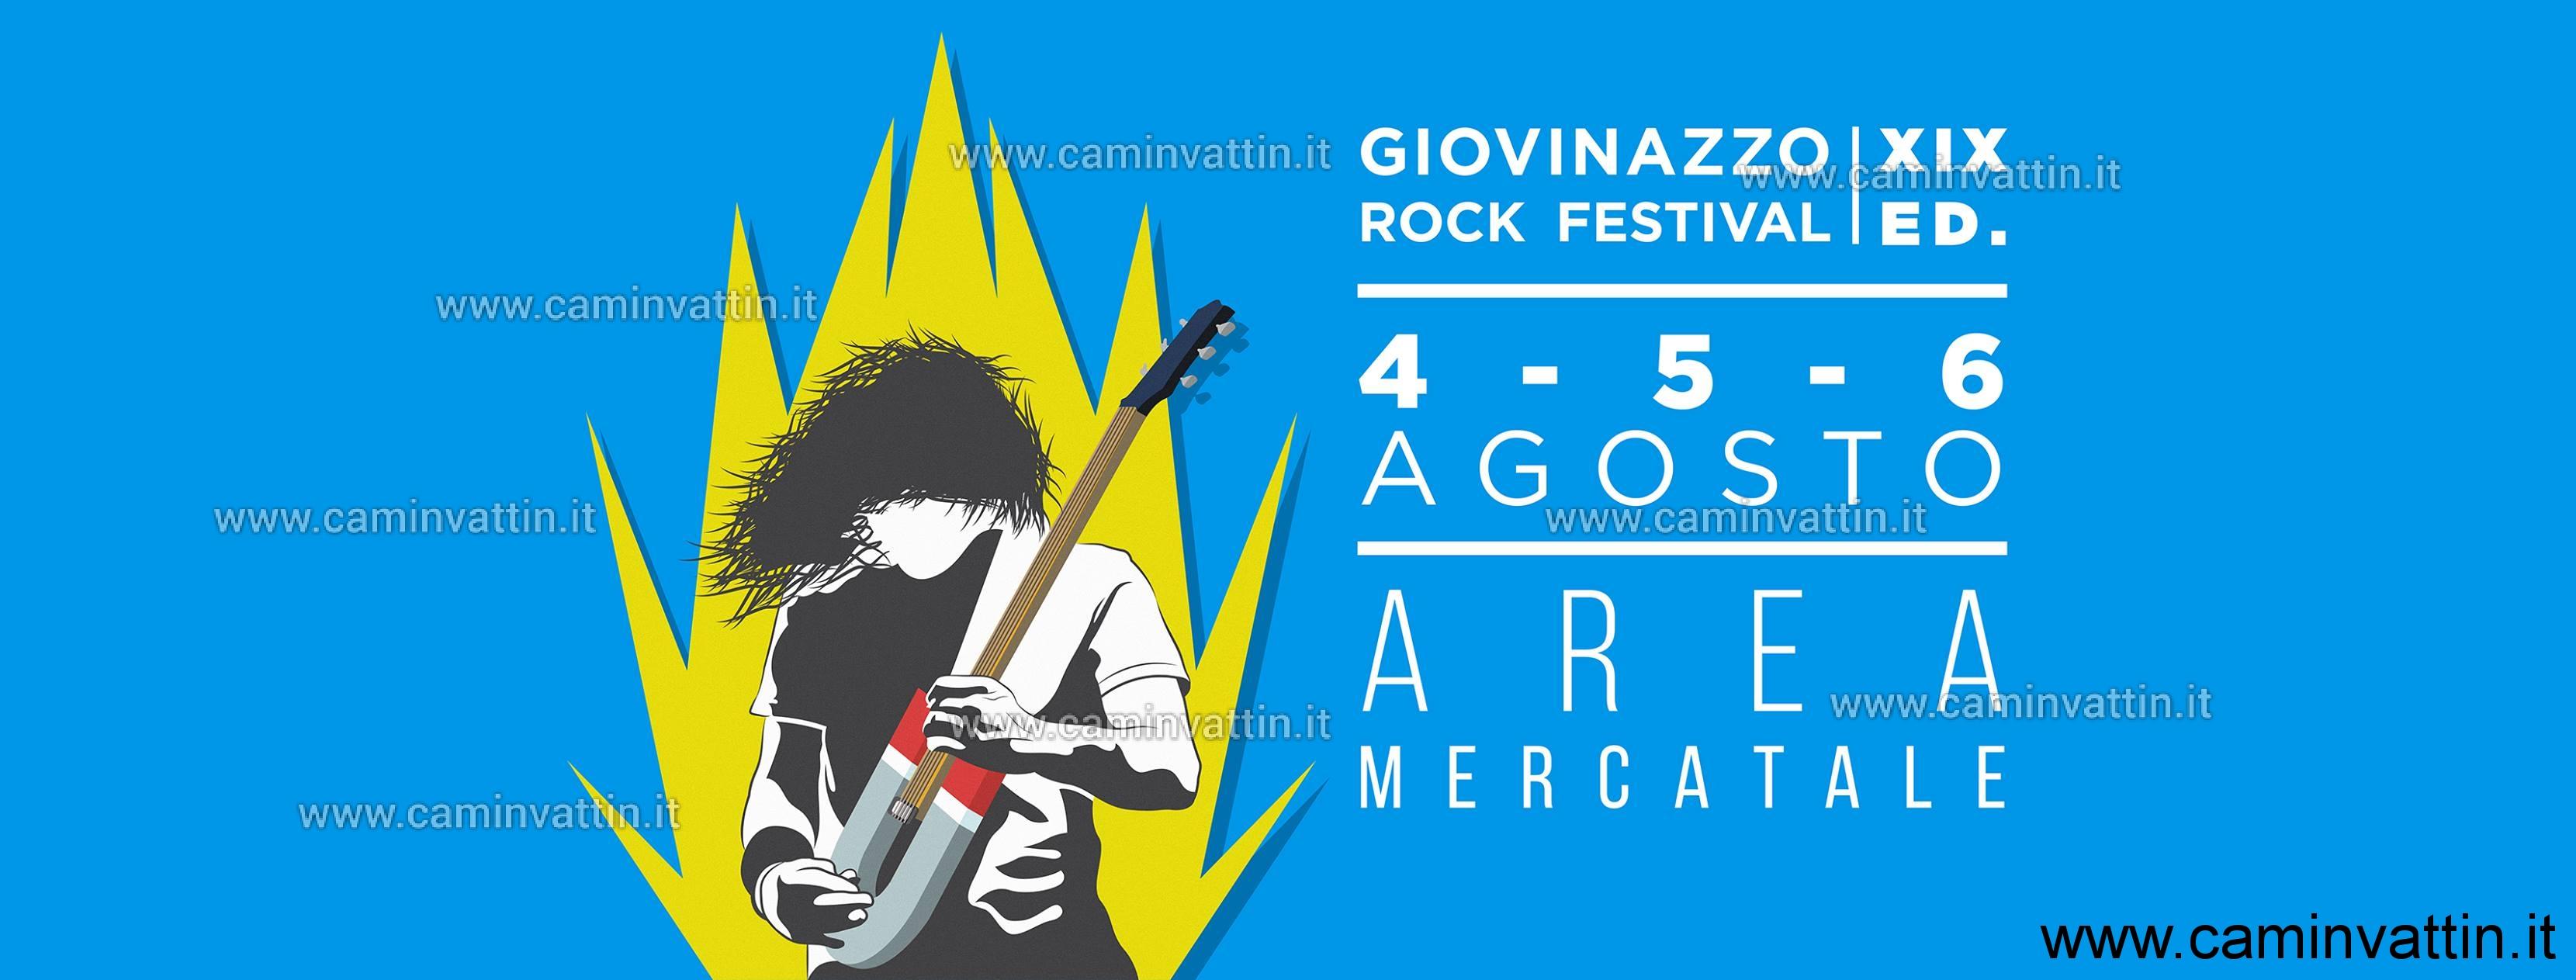 giovinazzo rock festival 2018